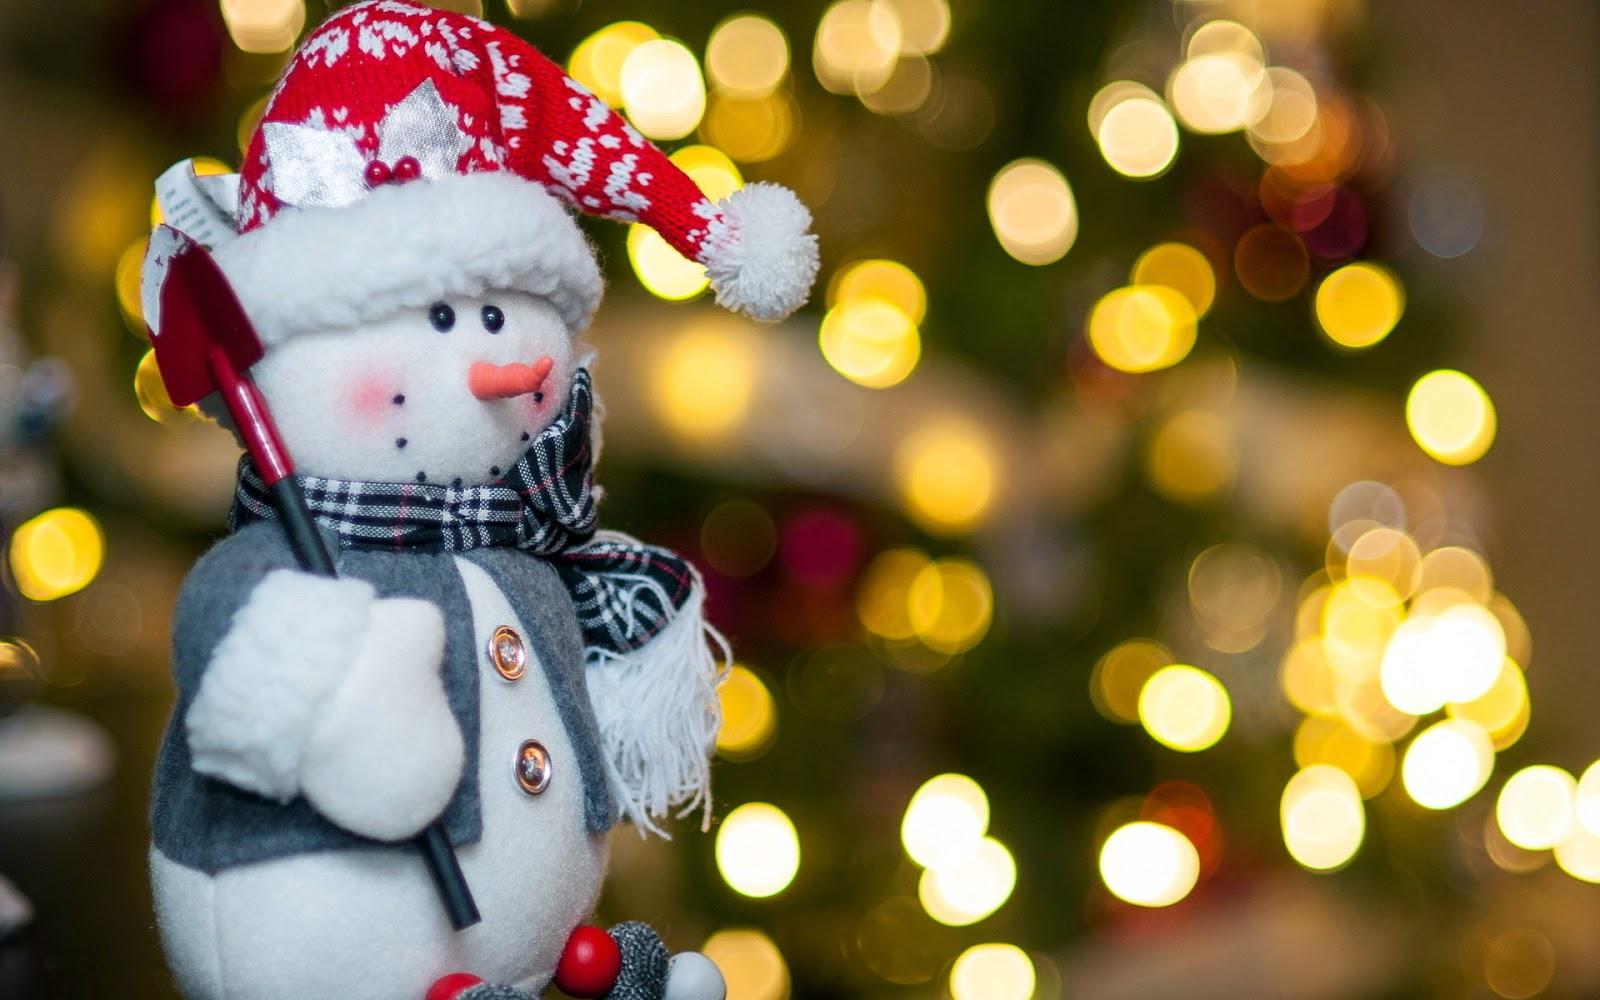 Snowman-dress-theme-decoration-ideas-ornaments-pictures-images.jpg